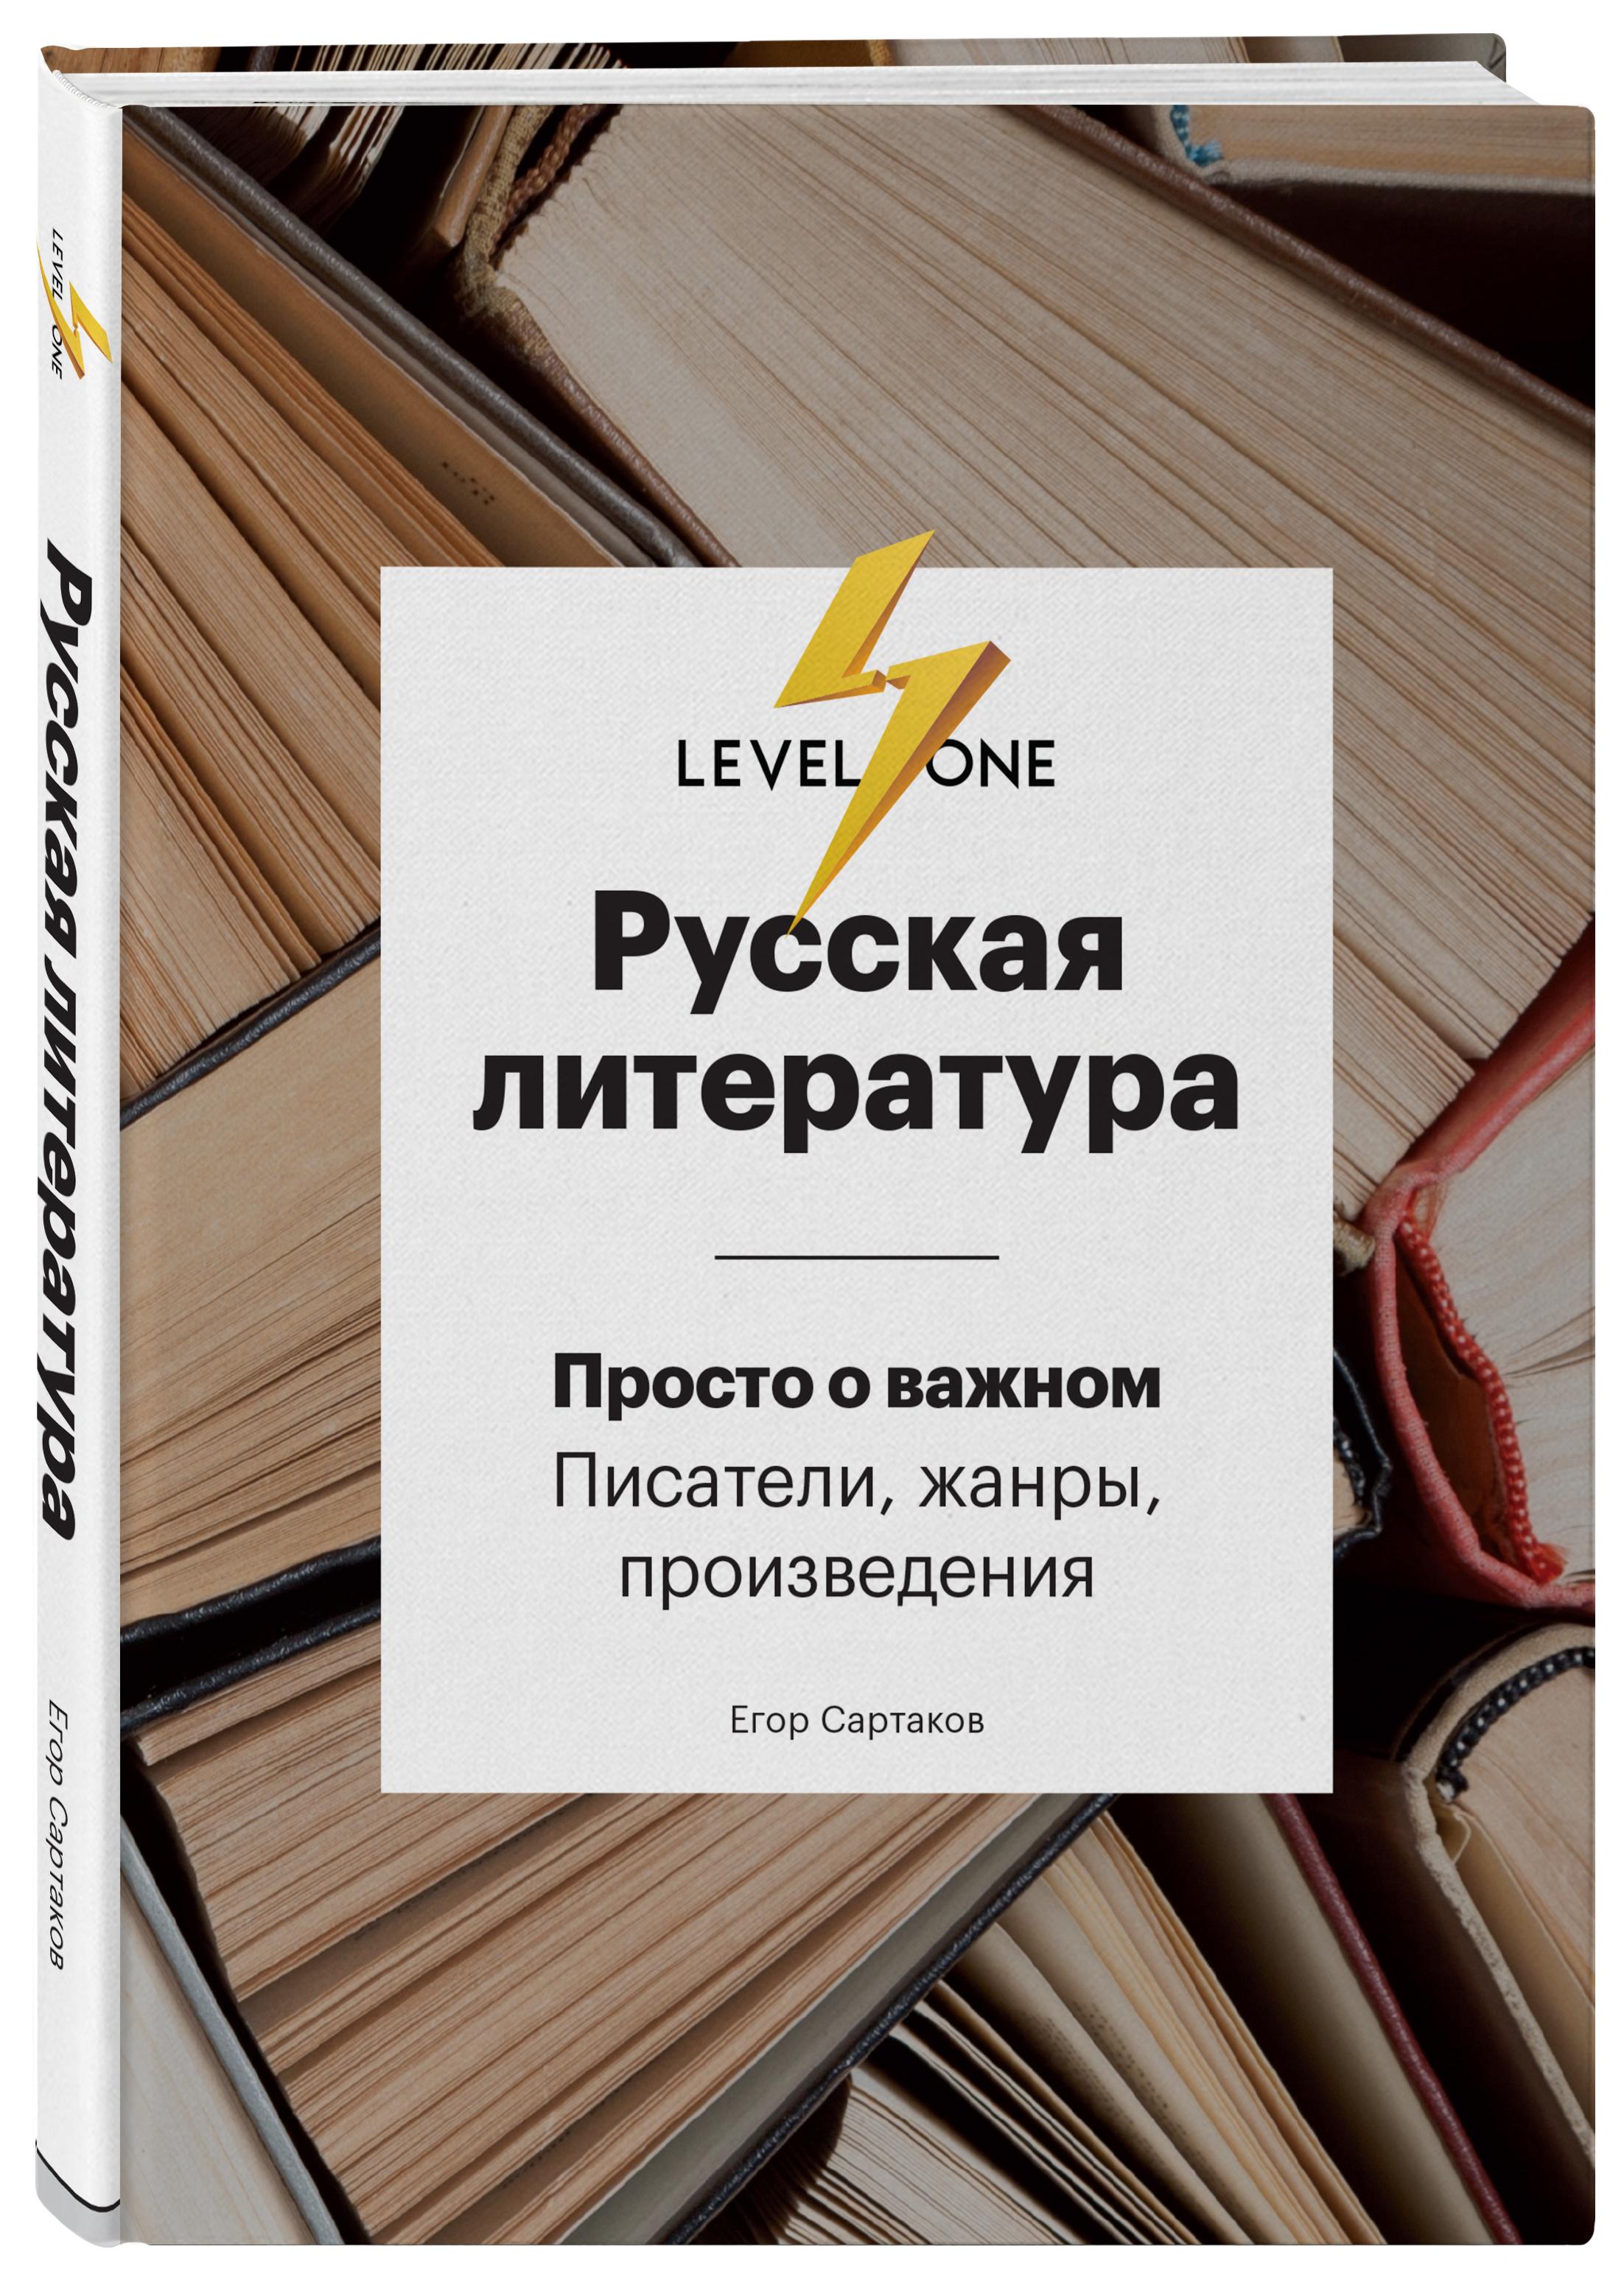 Егор Сартаков Русская литература. Просто о важном. Писатели, жанры и произведения